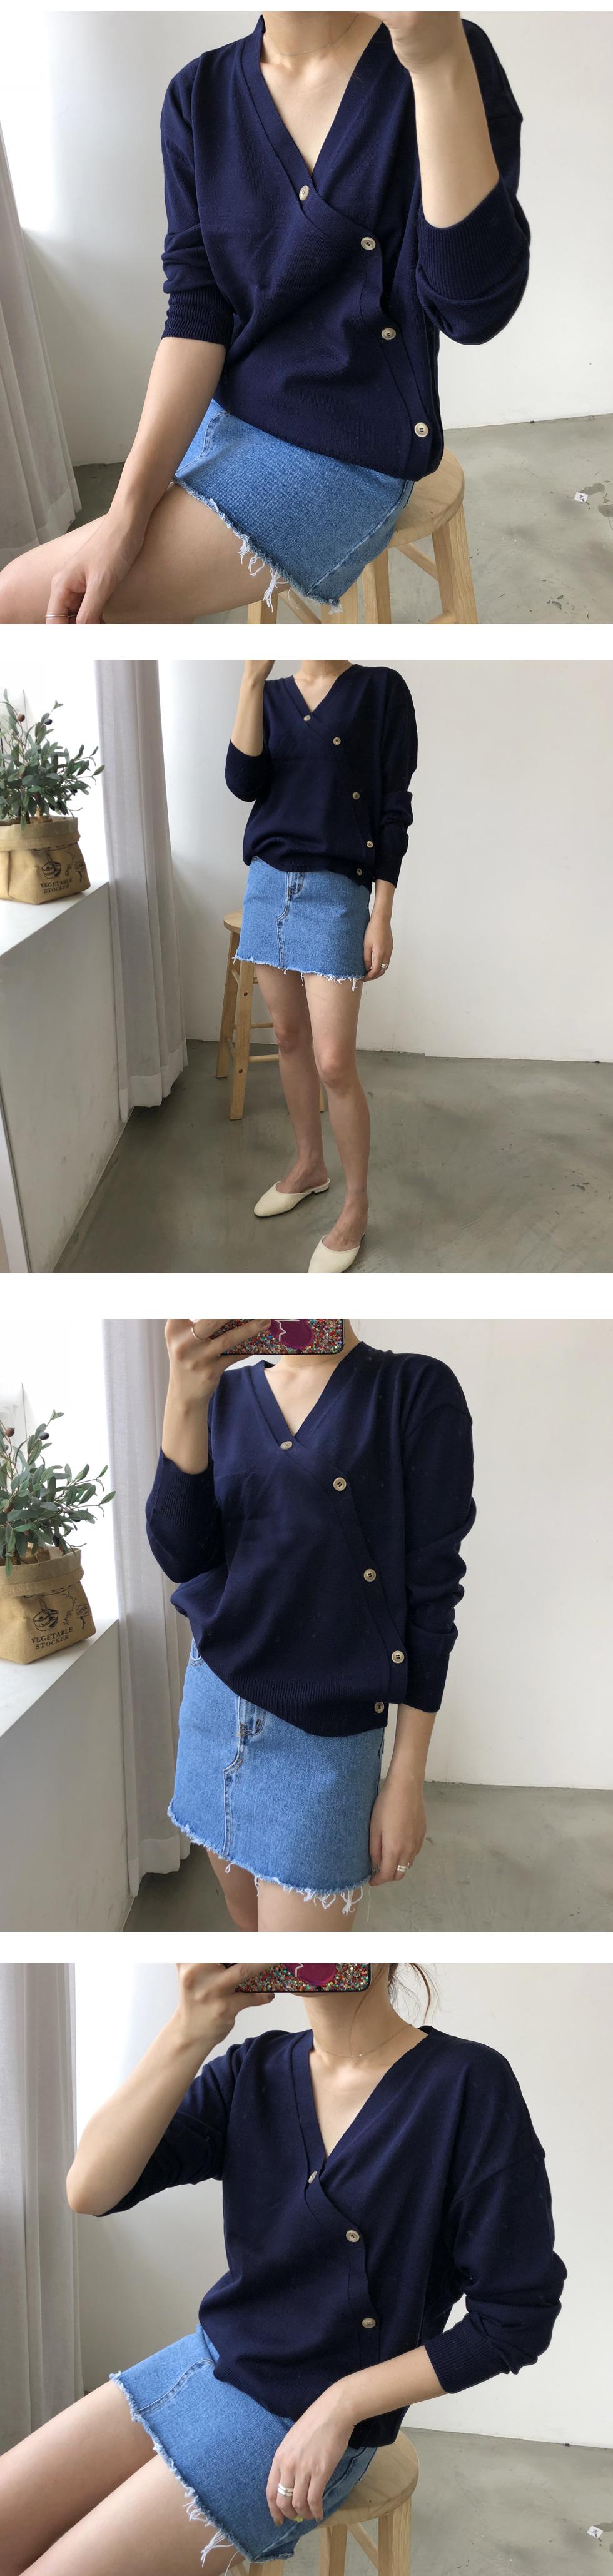 Diagonal button cardigan